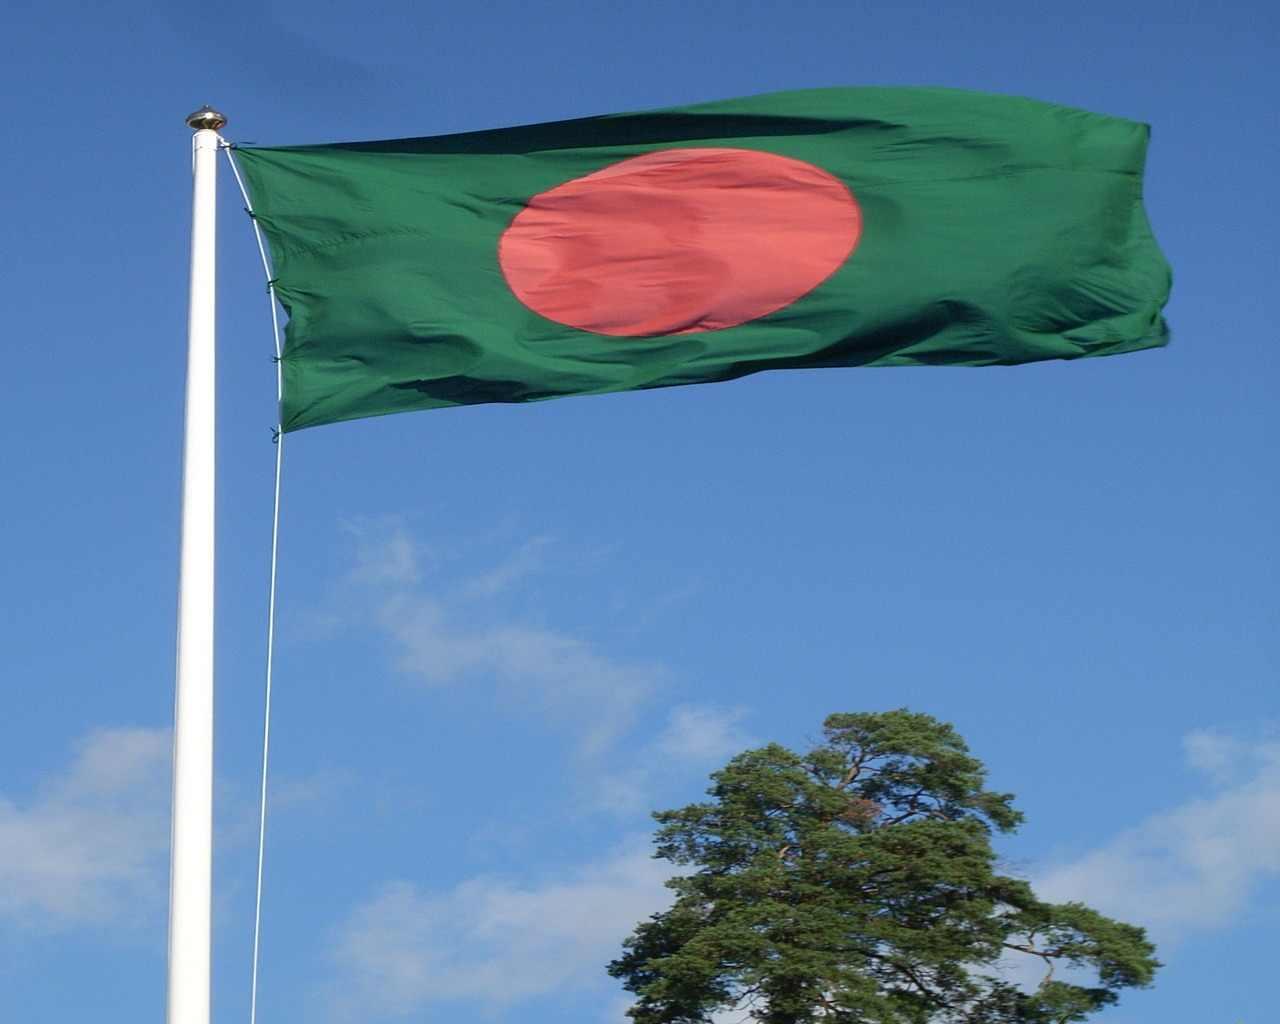 http://3.bp.blogspot.com/-5JGLY6g3DcU/TypVBeeuRBI/AAAAAAAAAG4/tkbQfnL2xU4/s1600/bangladesh-flag.jpg